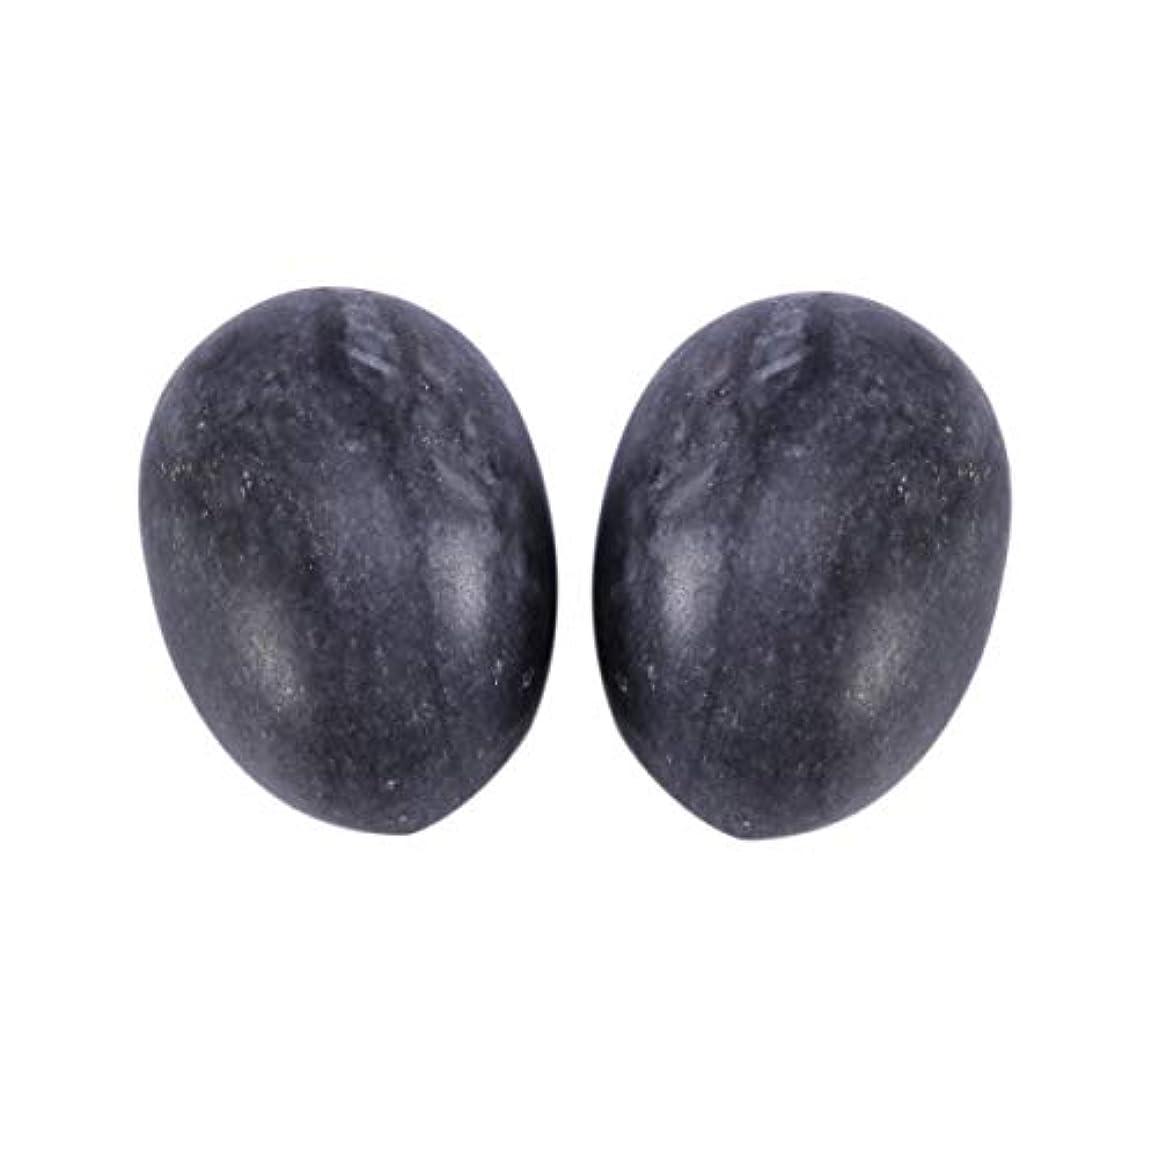 ブーススペースどっちHealifty 妊娠中の女性のためのマッサージボール6個玉ヨードエッグ骨盤底筋マッサージ運動膣締め付けボールヘルスケア(ブラックブルー)